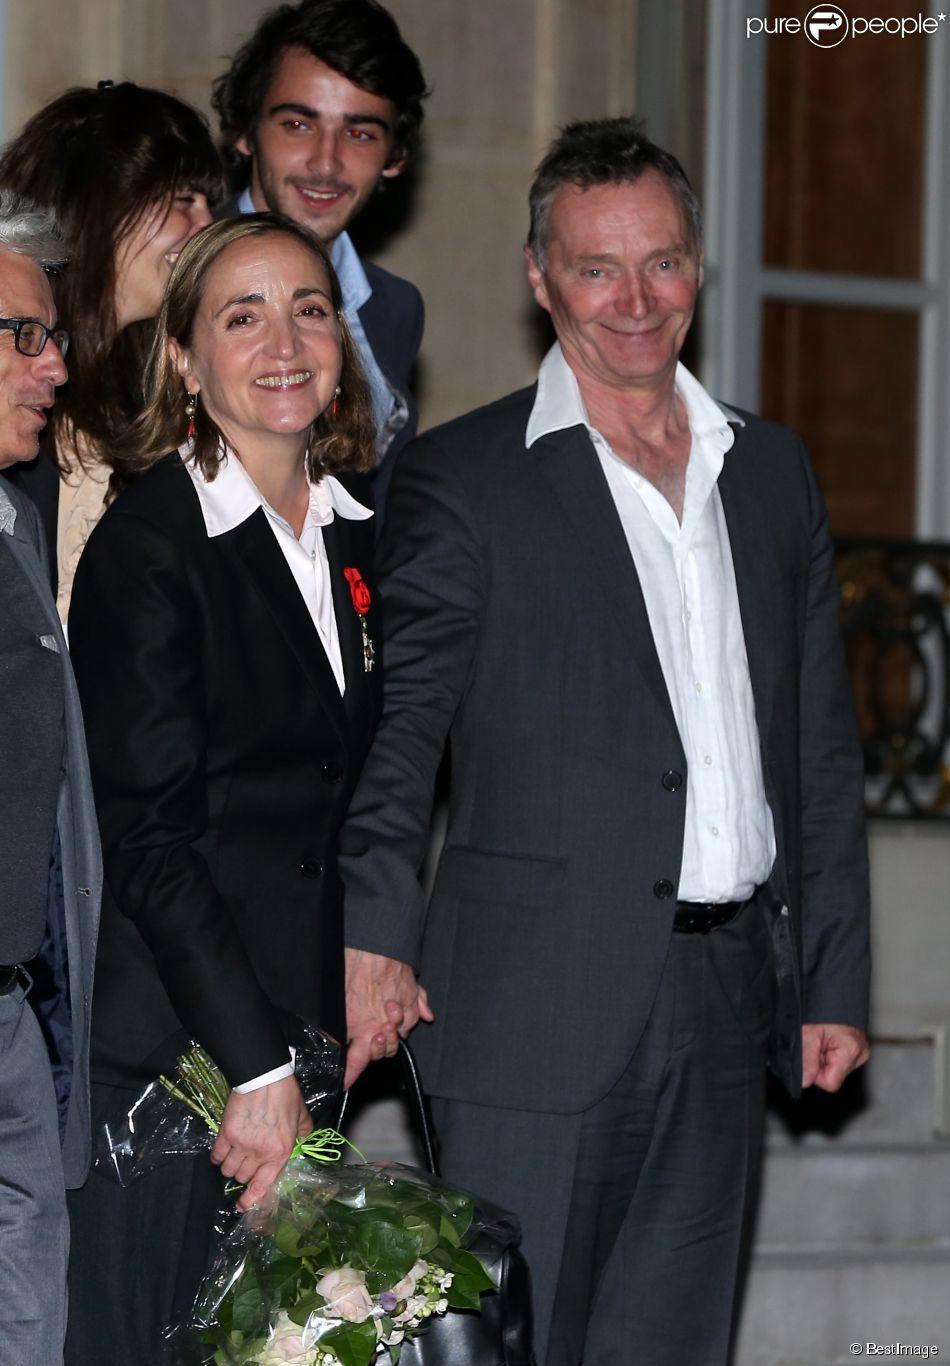 Dominique Blanc (Officier de la Légion d'honneur) et son compagnon - Cérémonie de remise de décorations, par Francois Hollande, au Palais de l'Elysée à Paris, le 16 septembre 2014